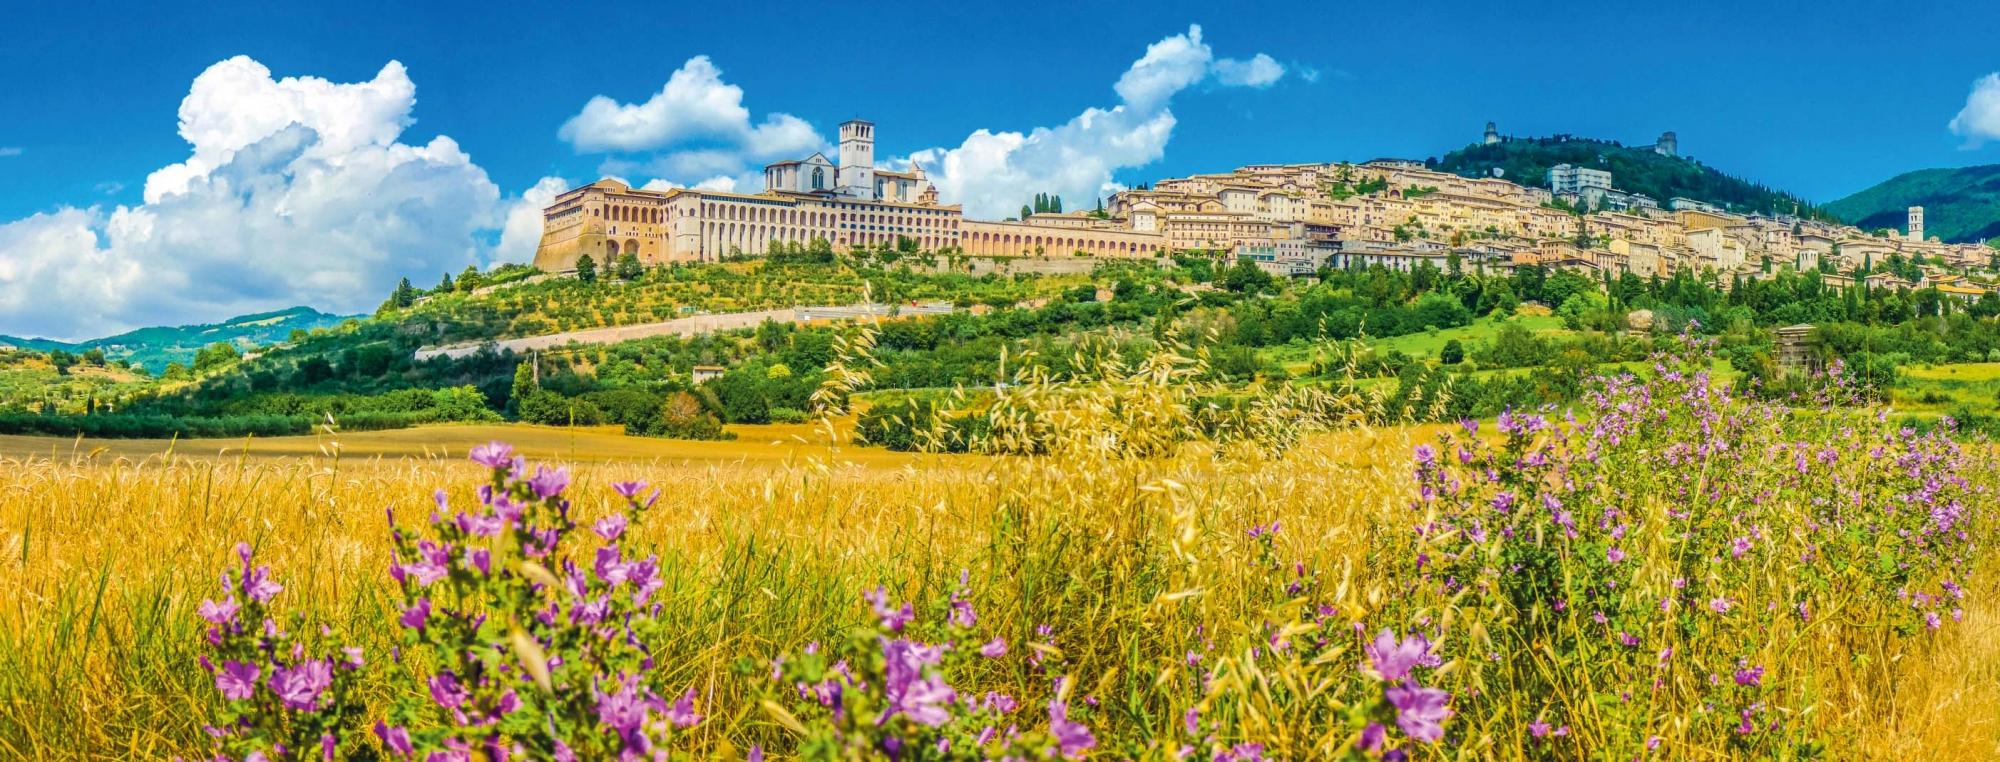 Franziskusweg, Assisi